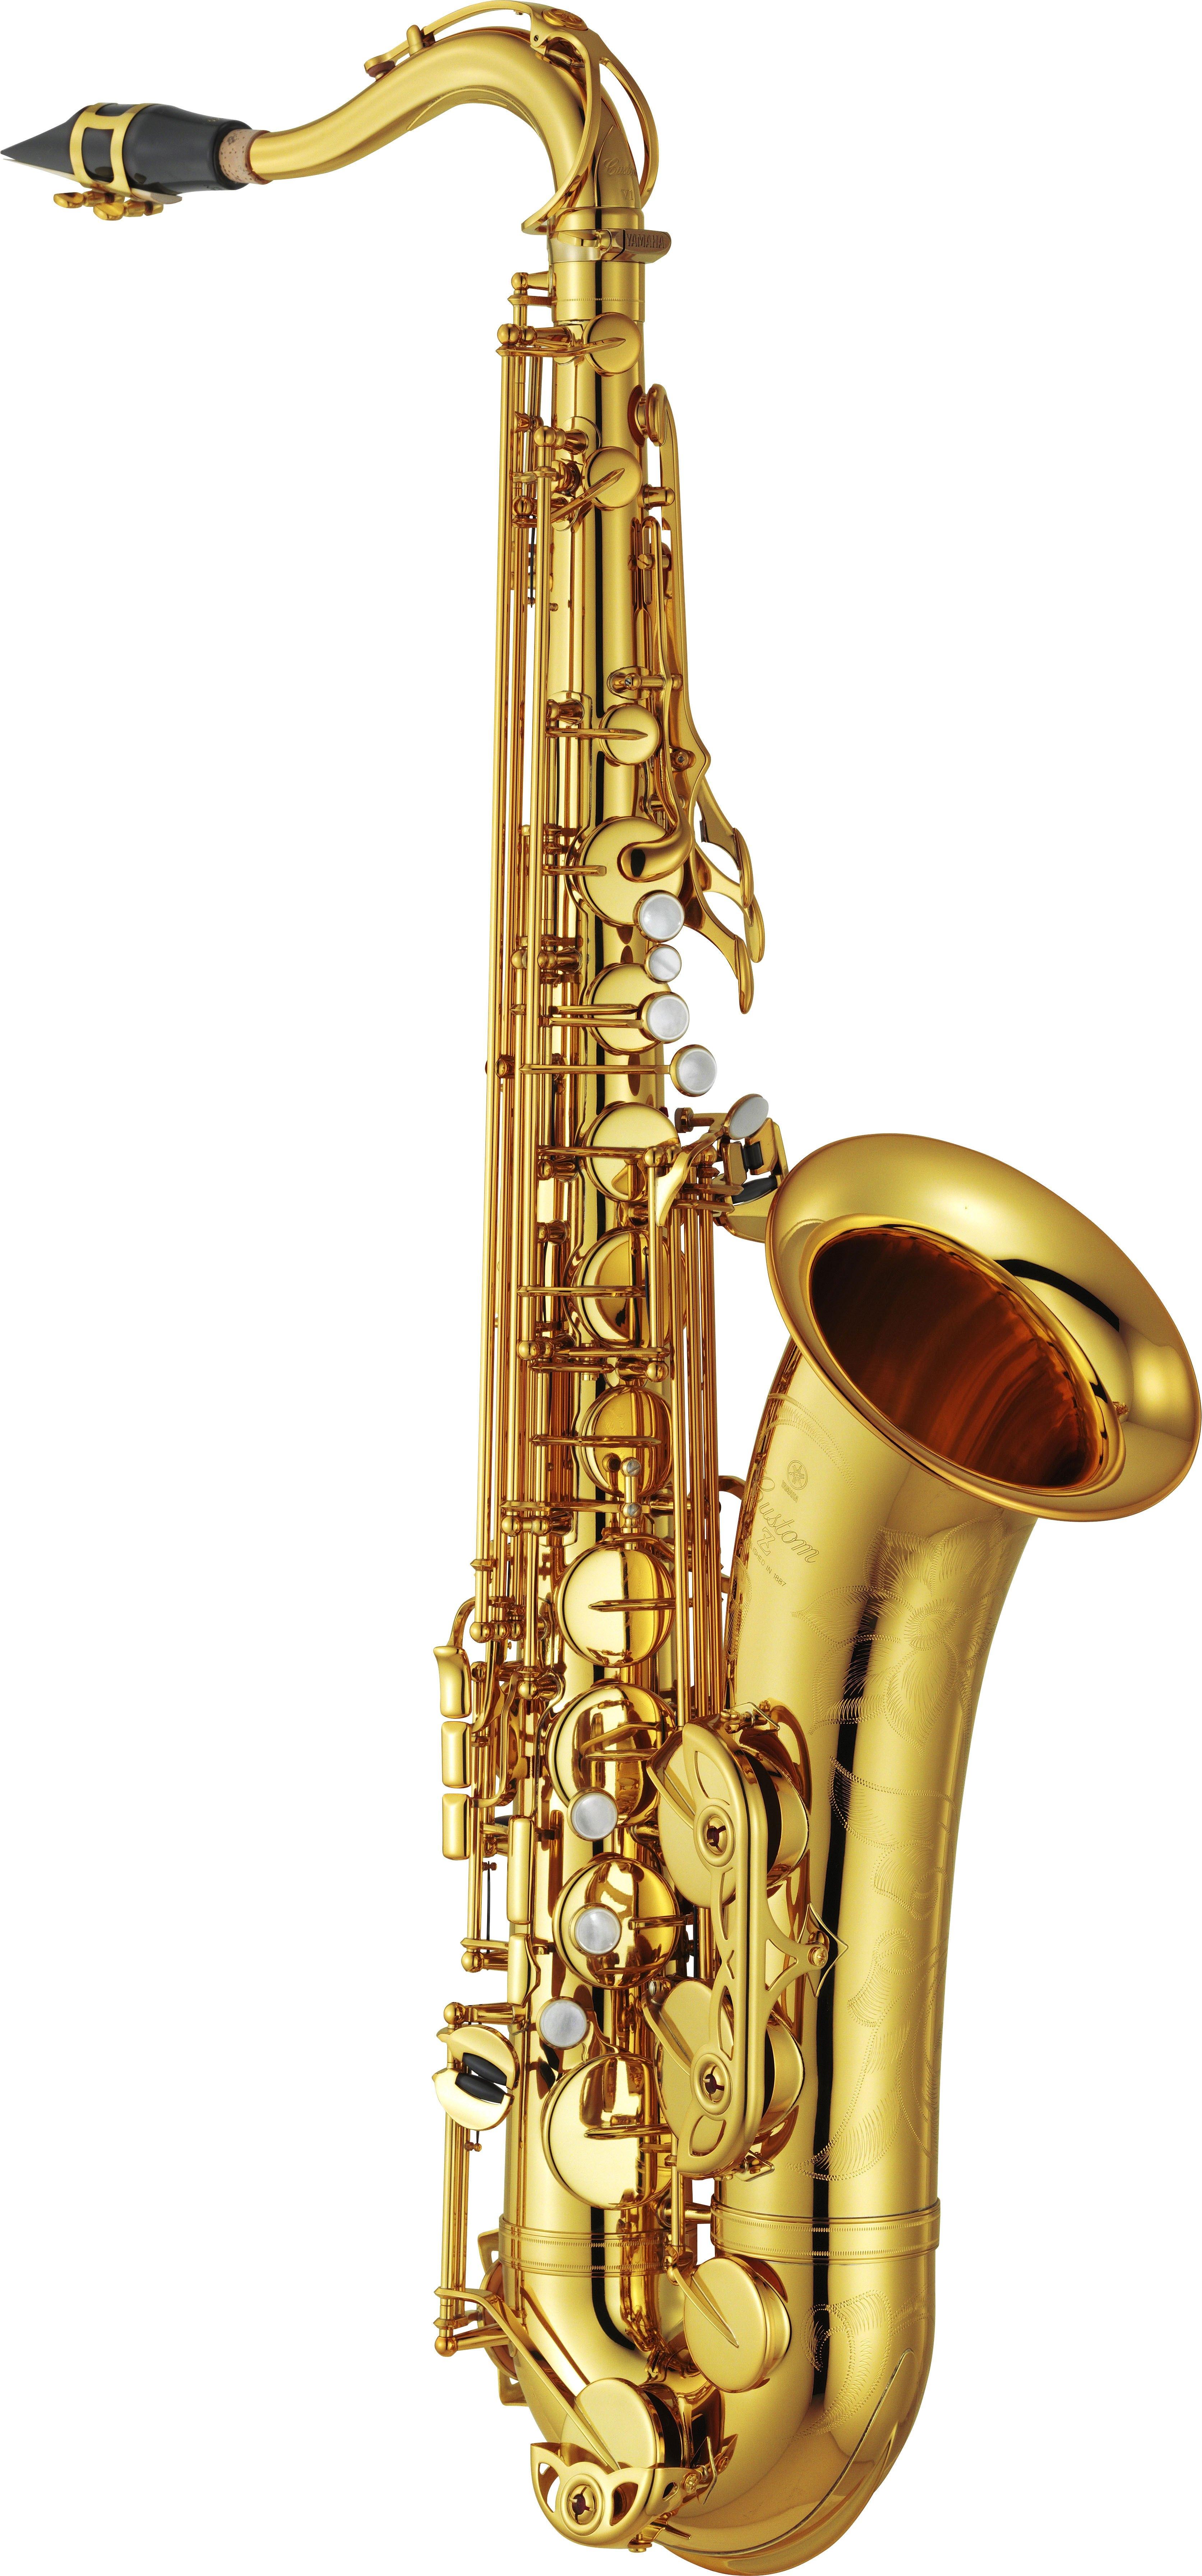 Yamaha - YTS-82-Z - Holzblasinstrumente - Saxophone | MUSIK BERTRAM Deutschland Freiburg